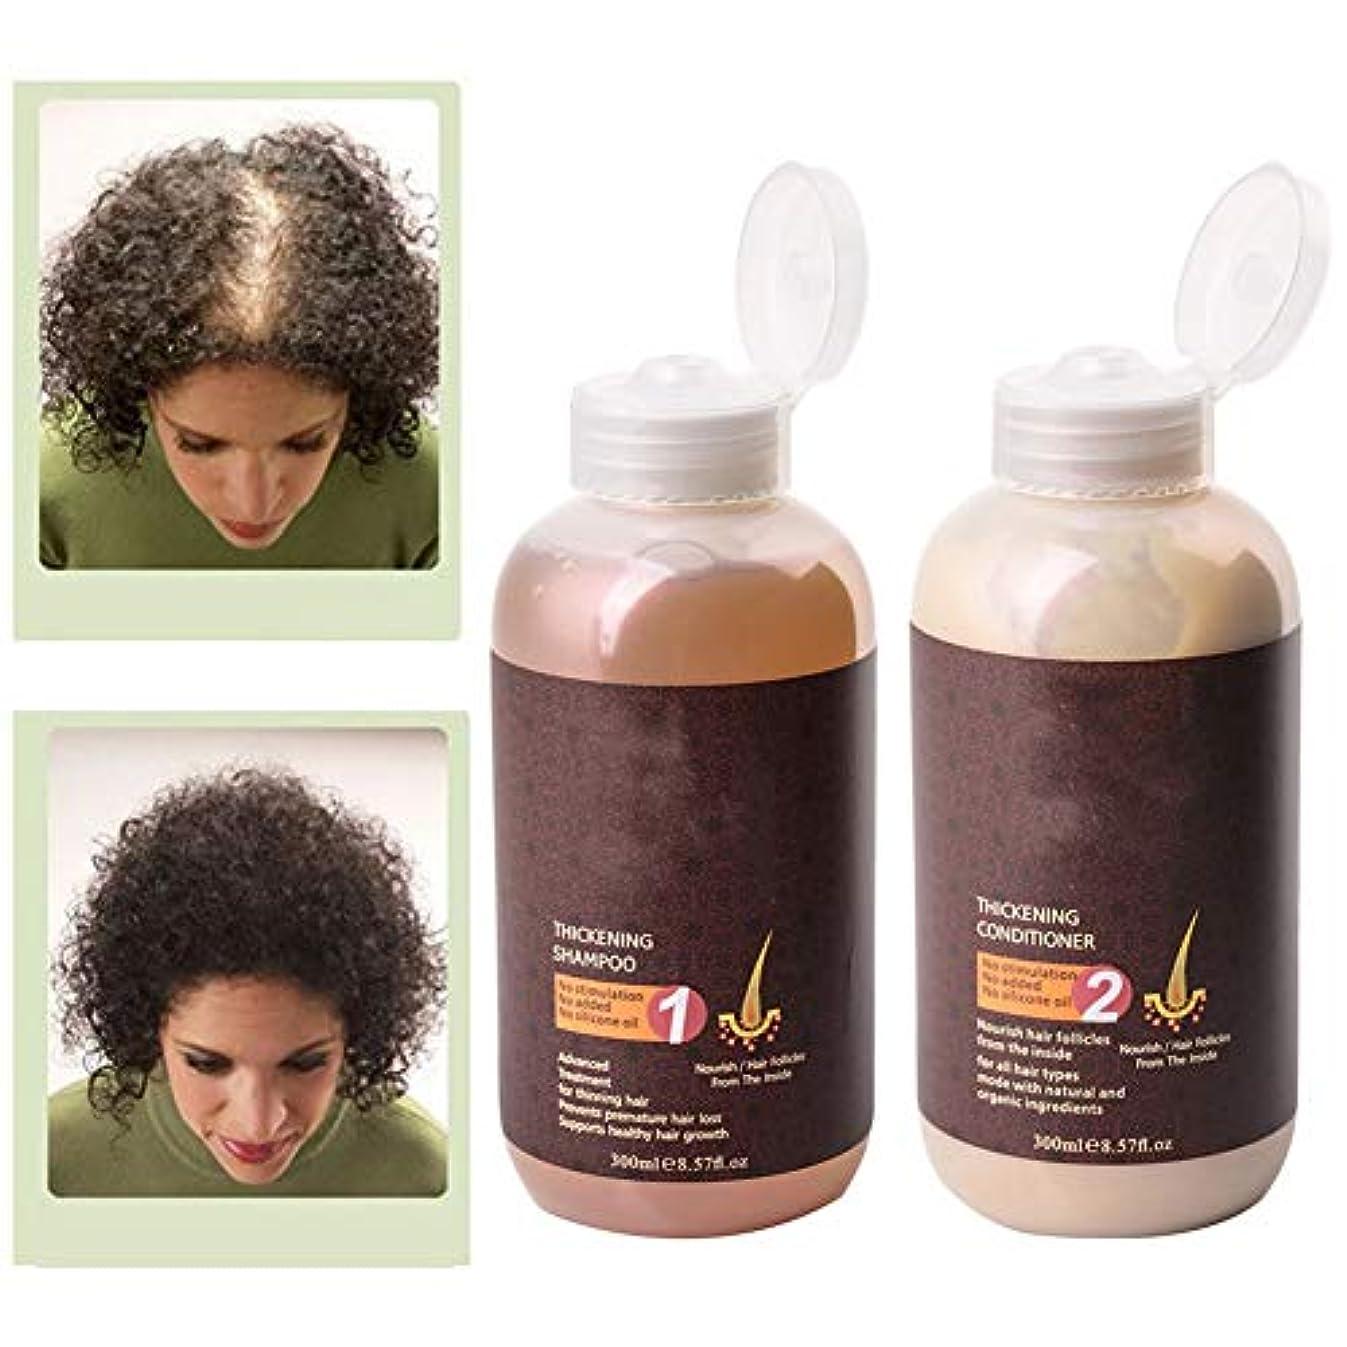 啓発するサークル罪シャンプーコンディショナーセット生姜成長髪300ミリリットル+ 300ミリリットル明確にするシャンプー栄養深い修復増加光沢、水分補給、輝き、かゆみ頭皮ヘアケアキットを減らす